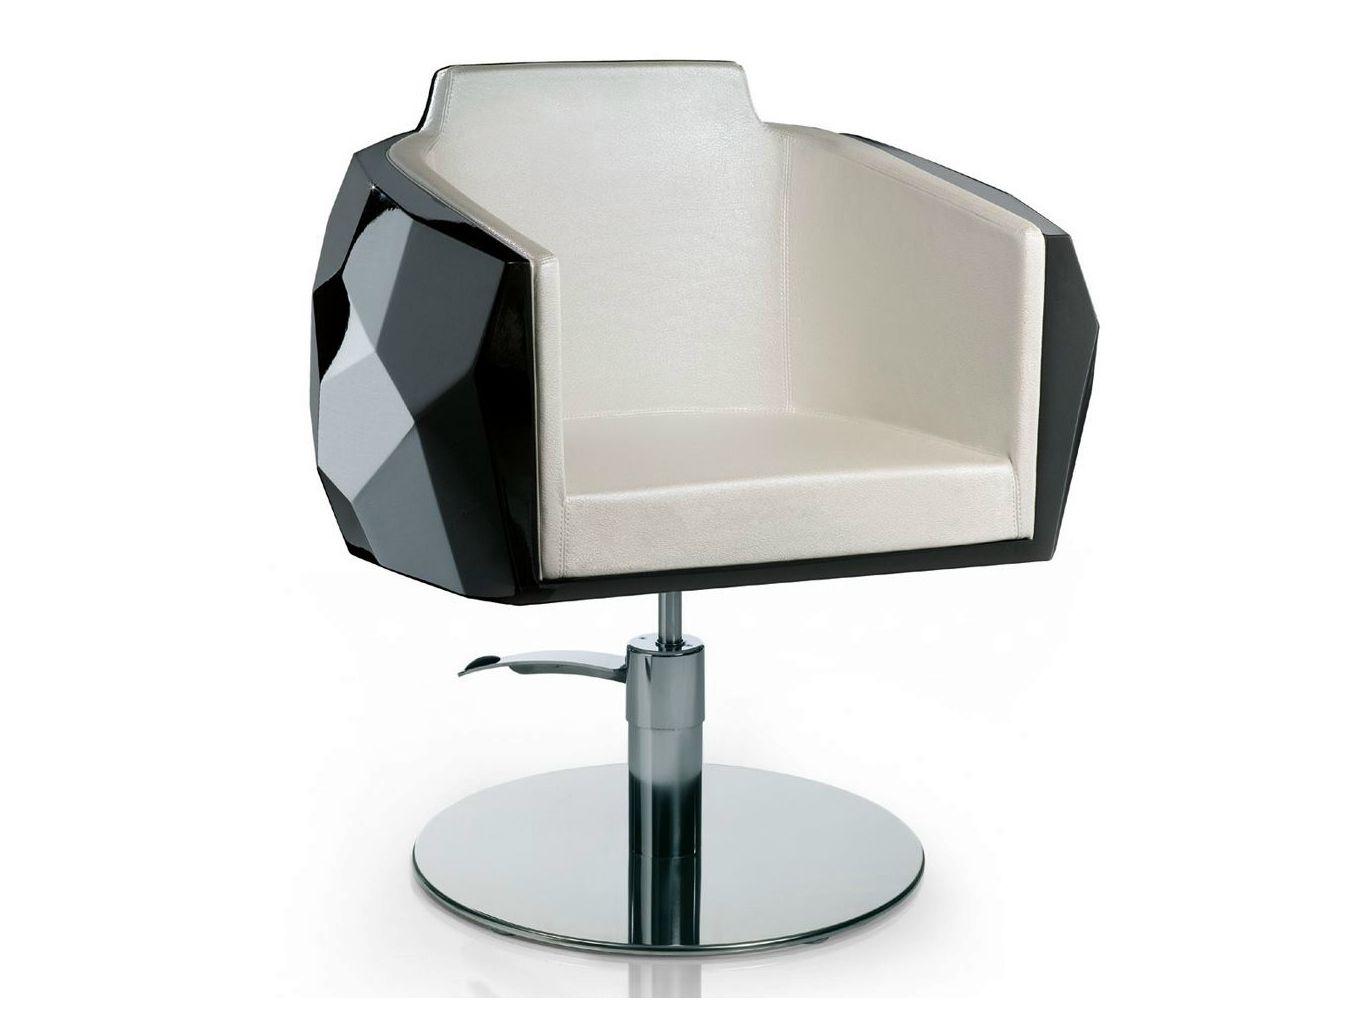 Poltrona da parrucchiere crystalcoiff by gamma bross design fendi casa - Fendi casa prezzi ...